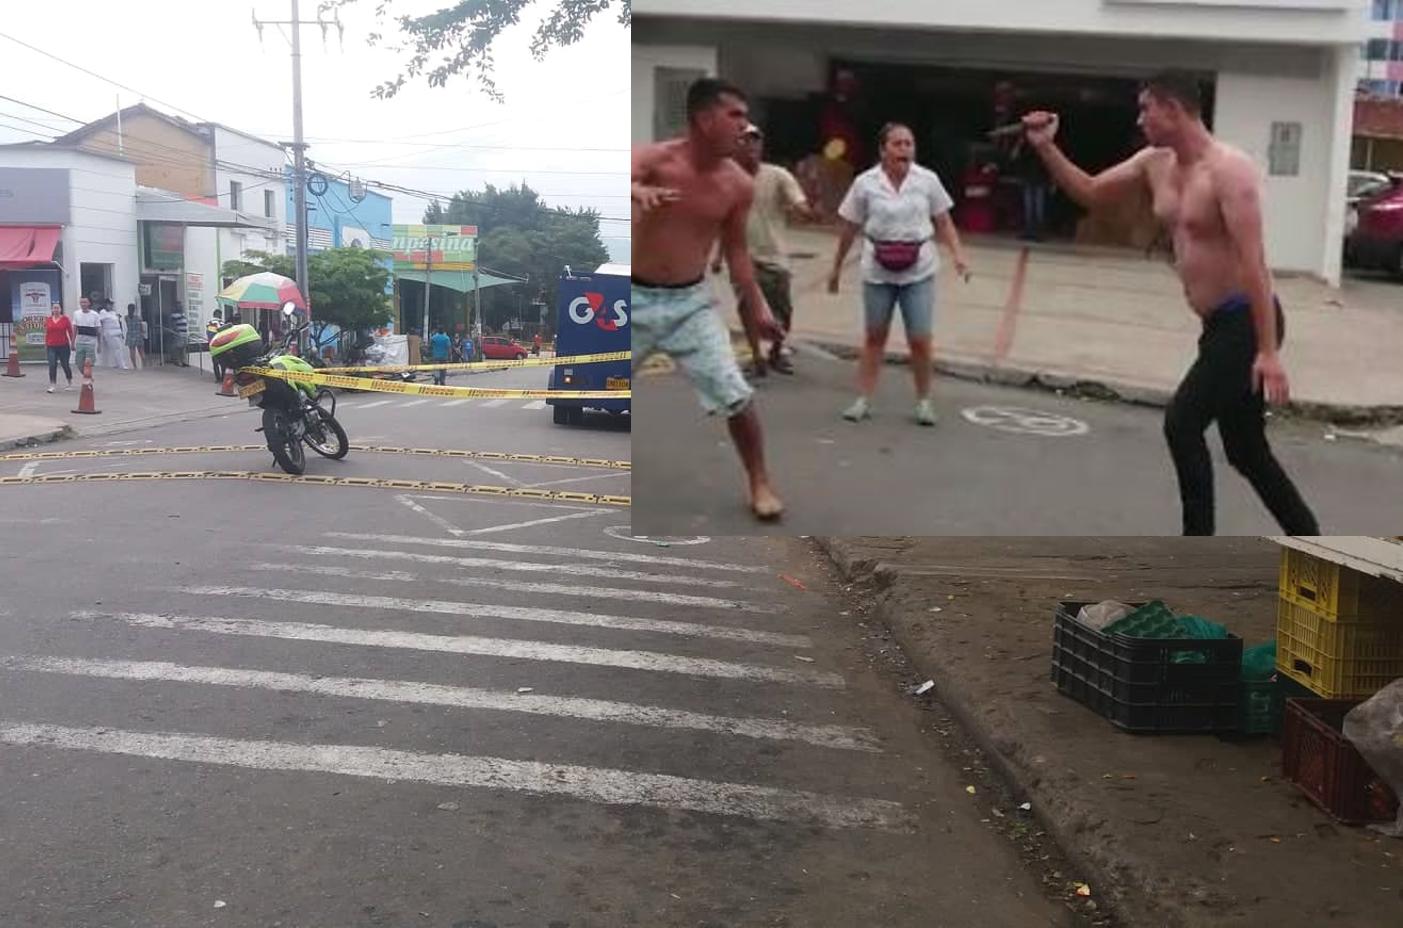 Ampliación. Por un celular murió apuñalado un venezolano | Justicia | EL FRENTE